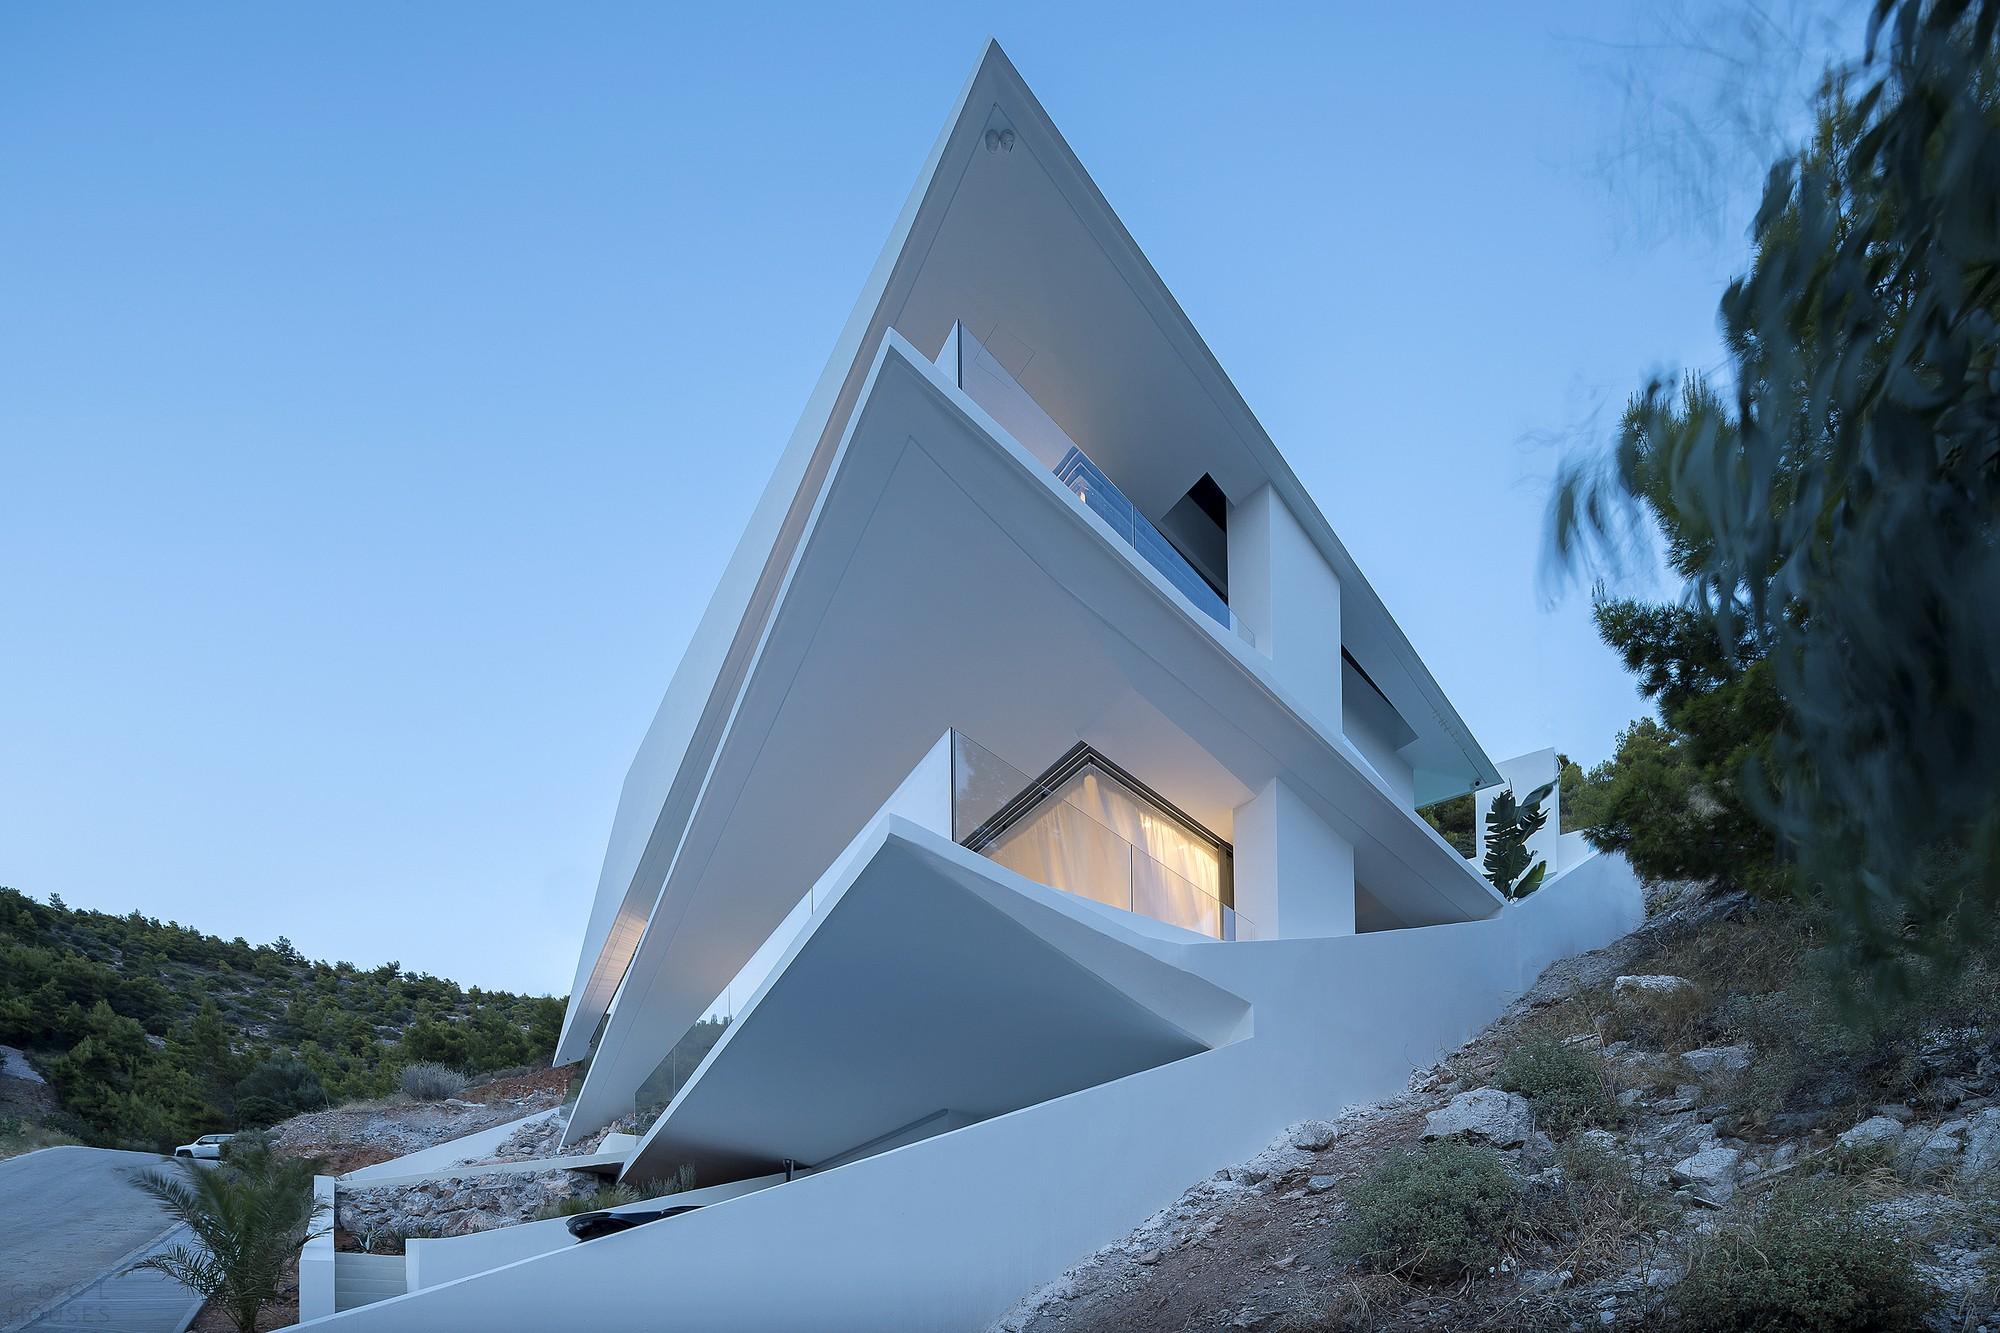 «Алмазный дом» с экстравертным характером, вдохновленный японским искусством оригами